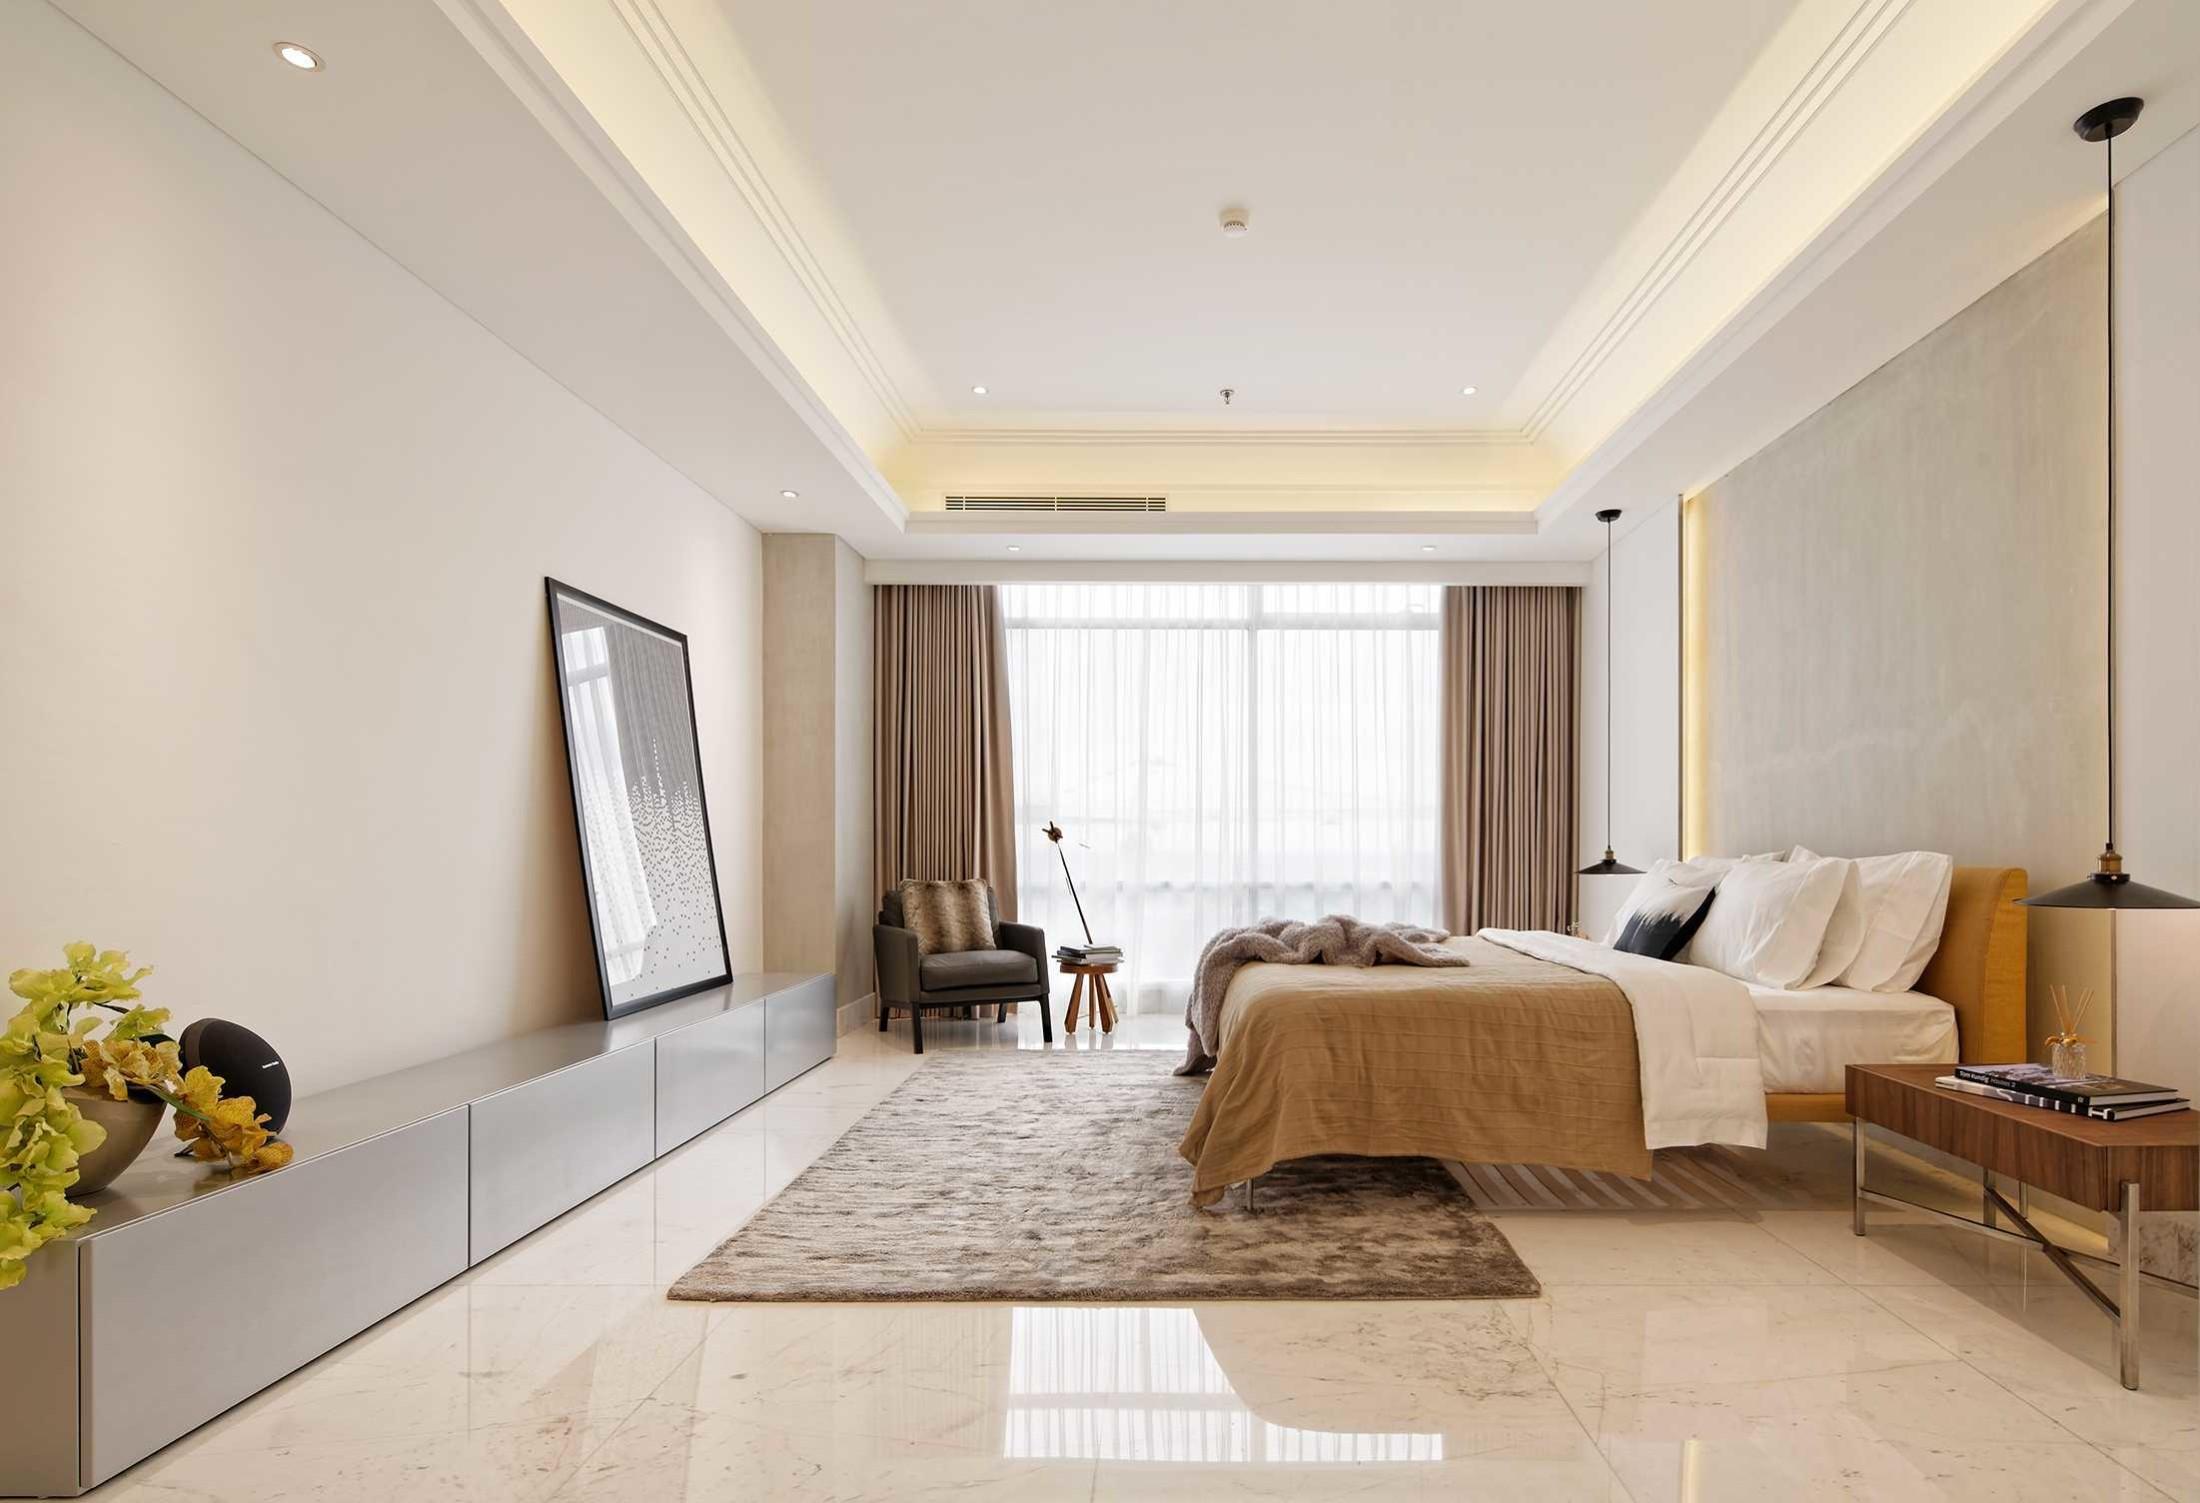 Warna-warna natural menciptakan kesan alami di kamar tidur minimalis (Sumber: arsitag.com)